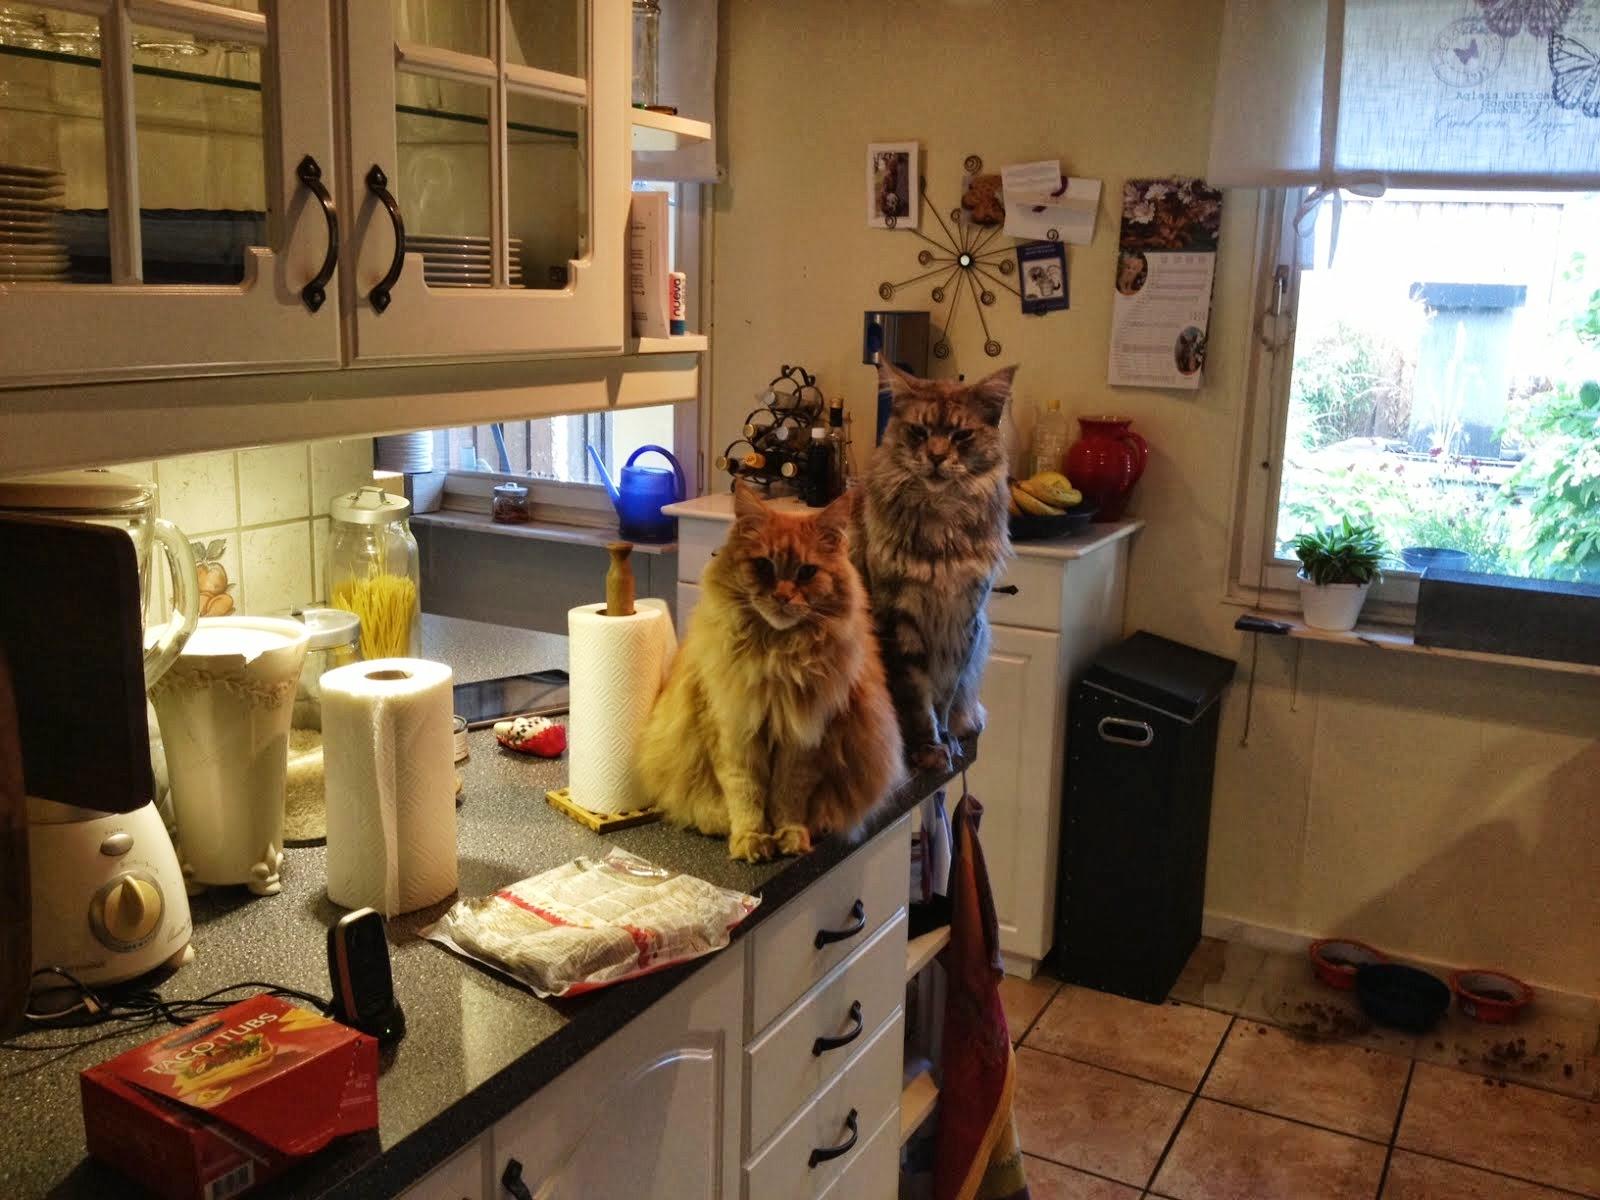 Zammy och Mille tigger mat på köksbänken